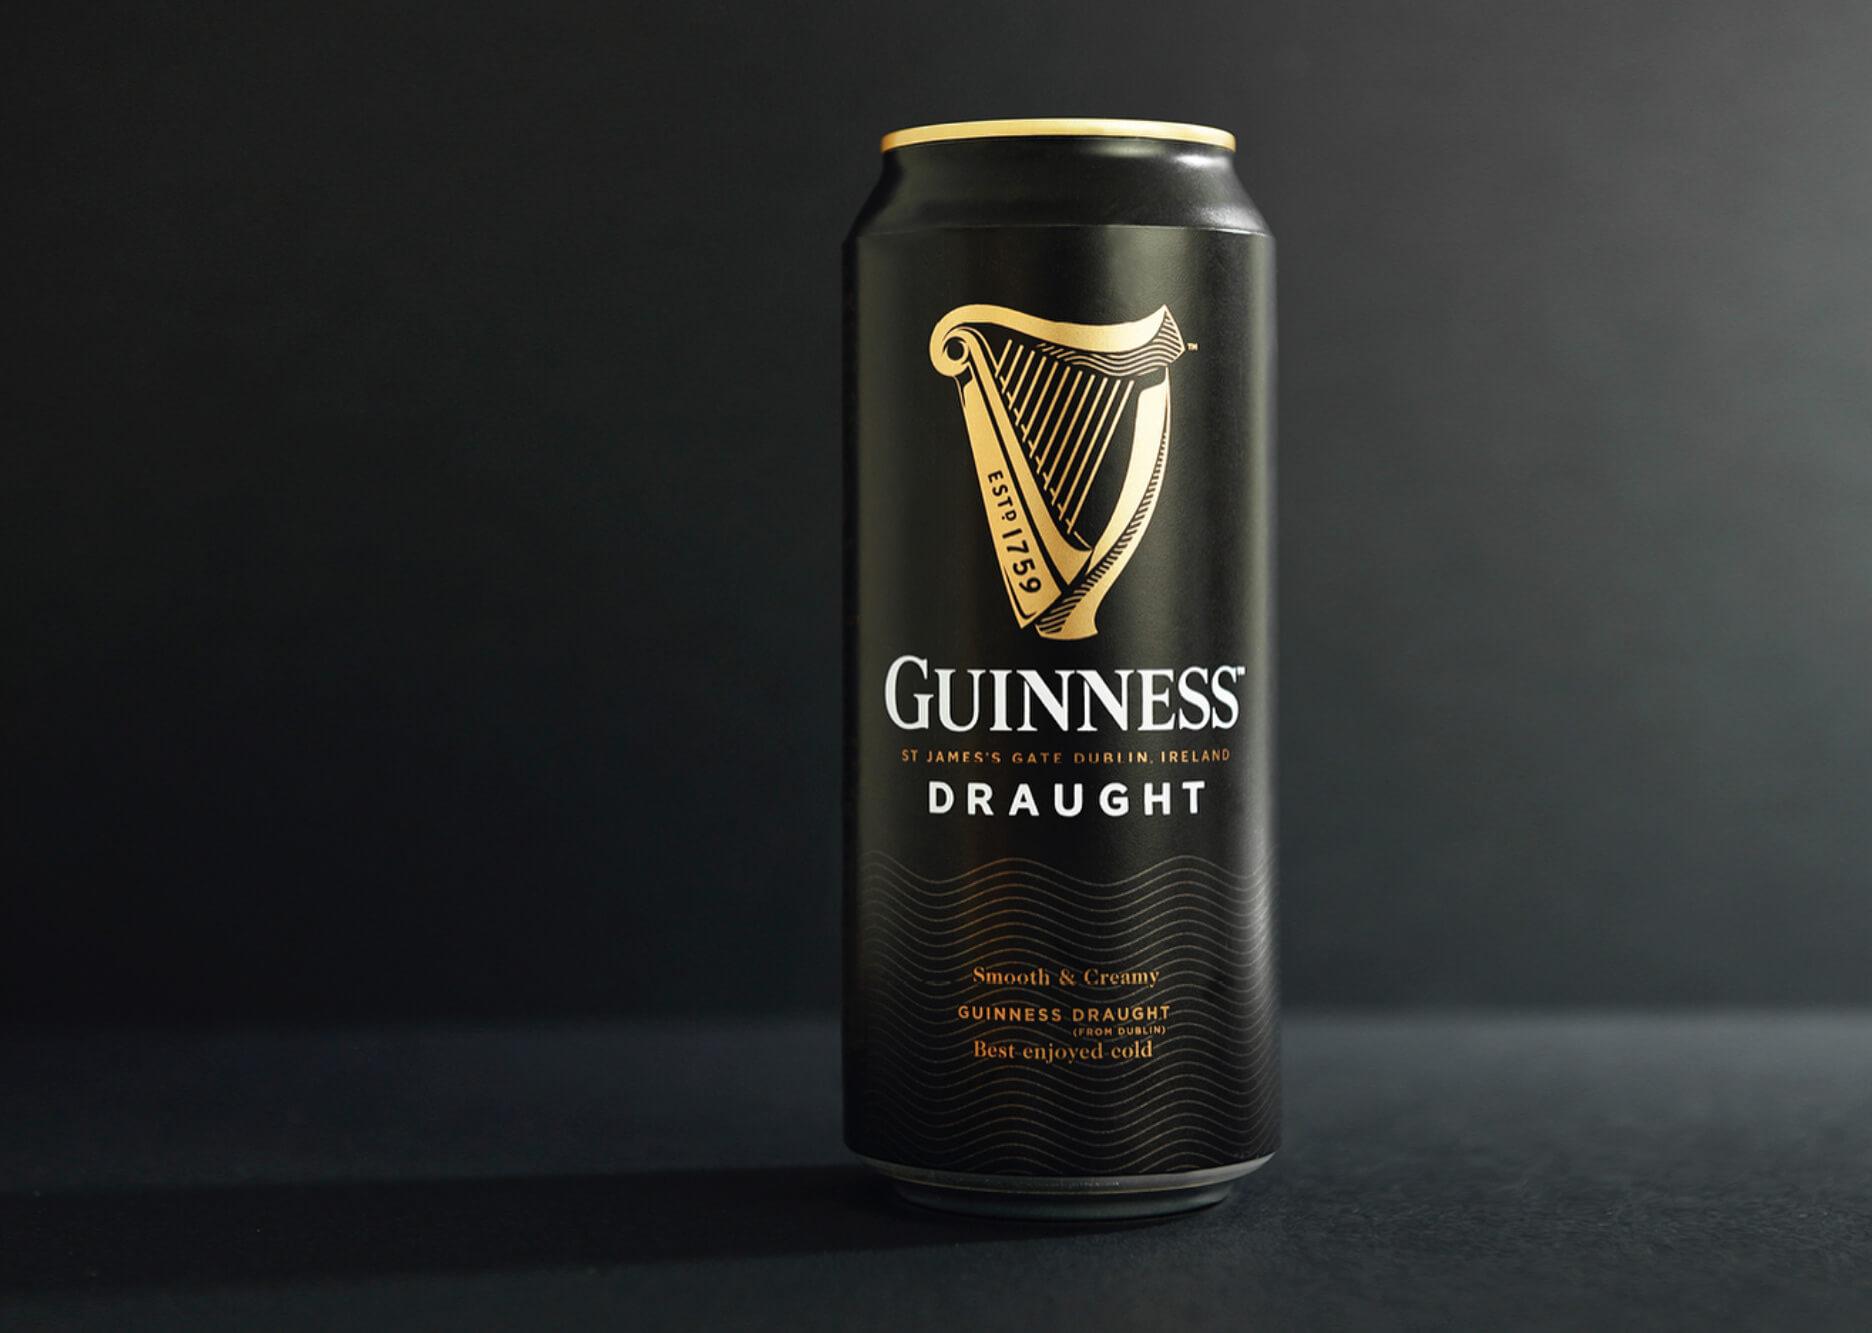 Canette de bière Guinness noire